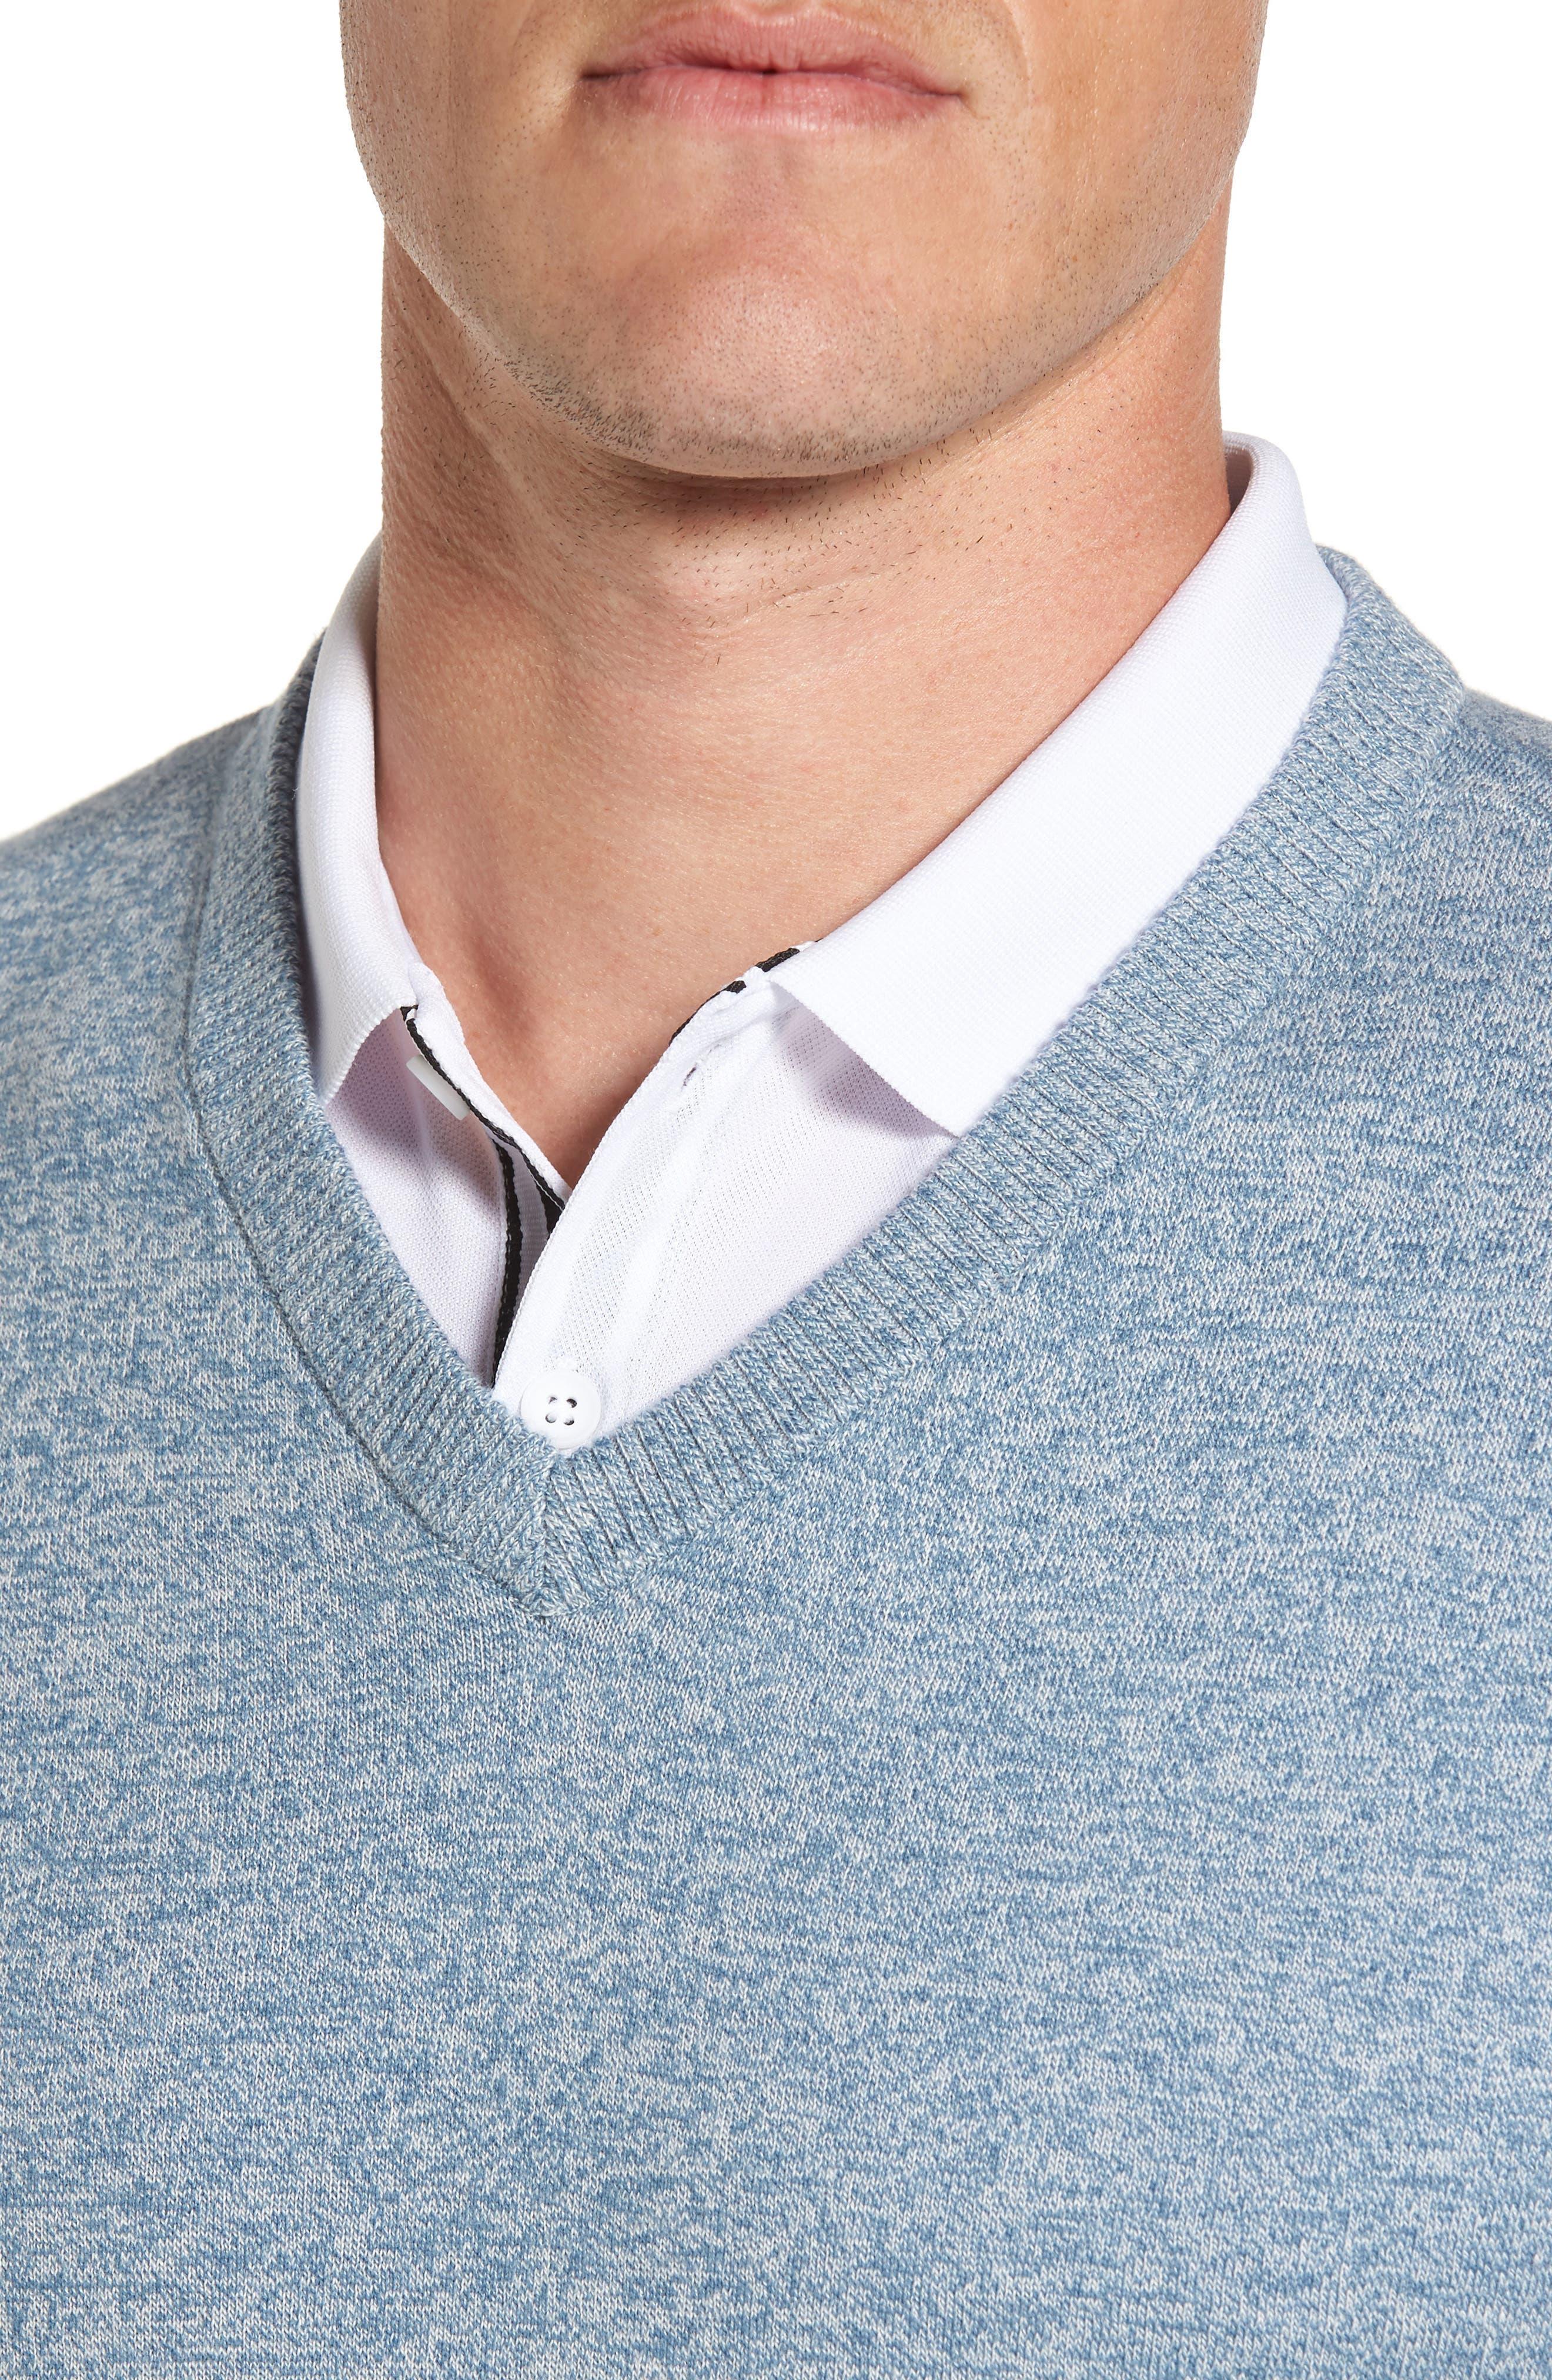 Valley V-Neck Sweater Vest,                             Alternate thumbnail 4, color,                             Blue Print/ White Melange